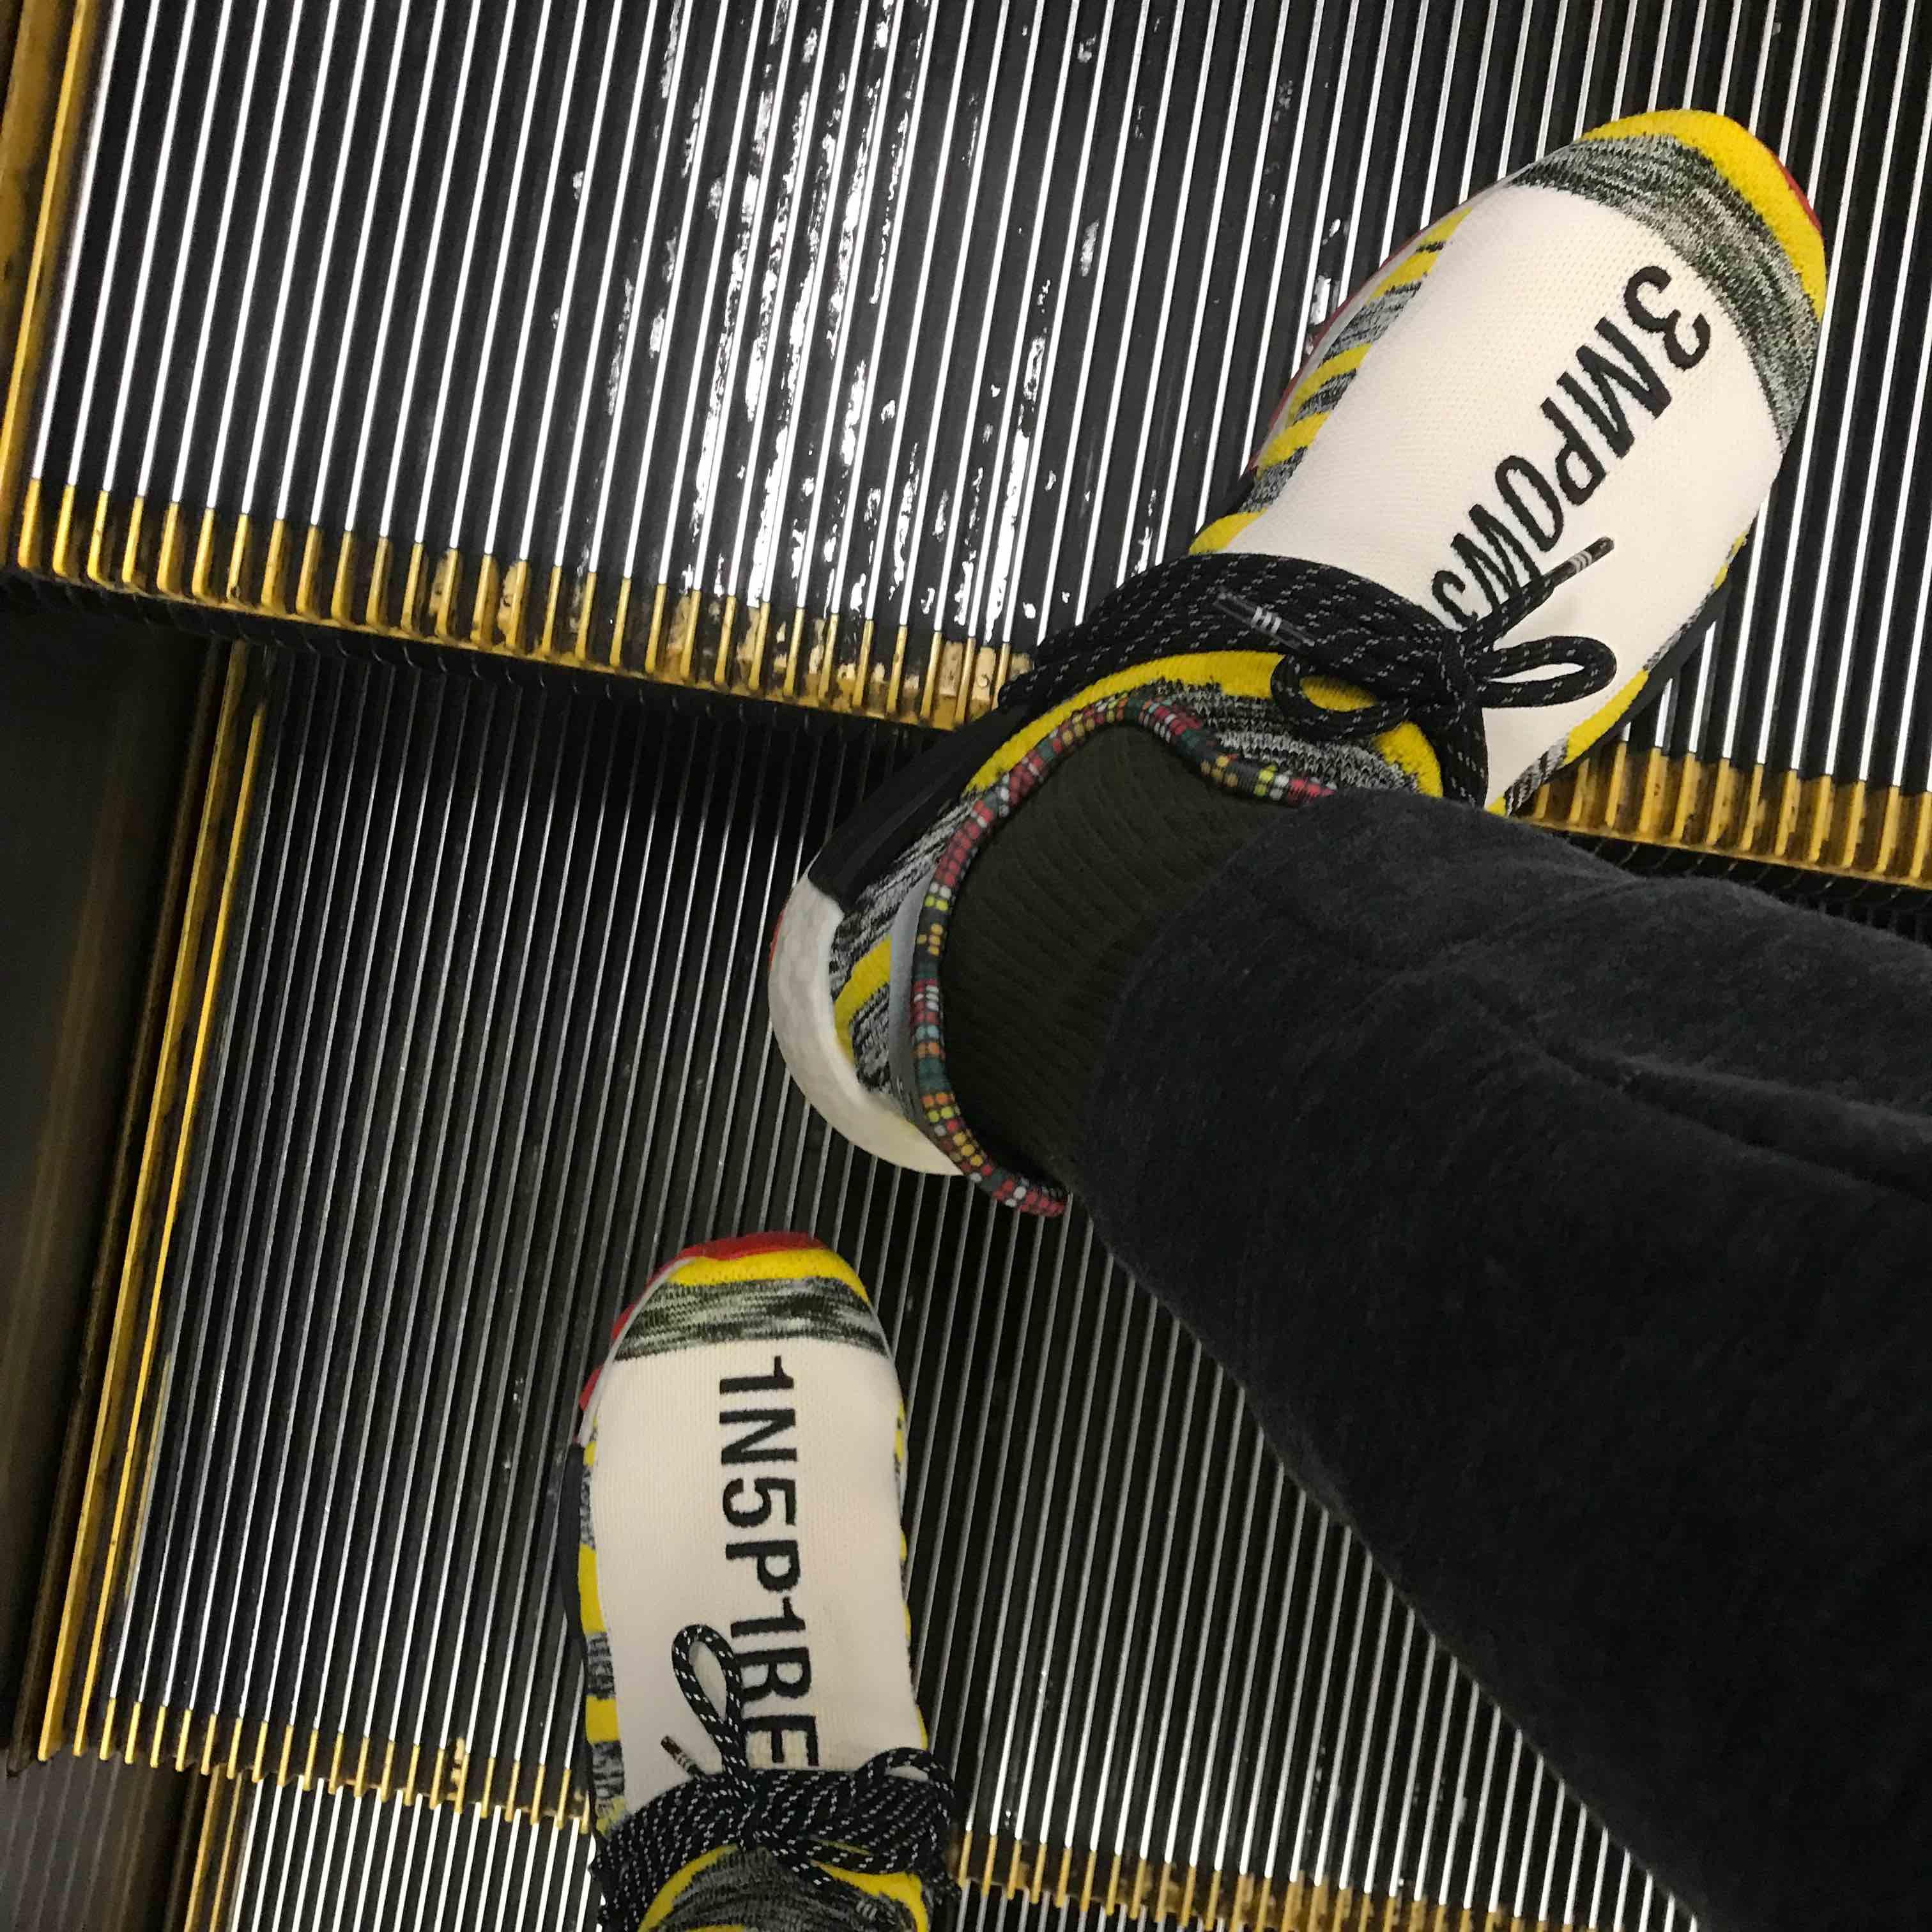 久々に履いた NMD  独特の締め付け感と靴下の延長線上のようなデザインと履